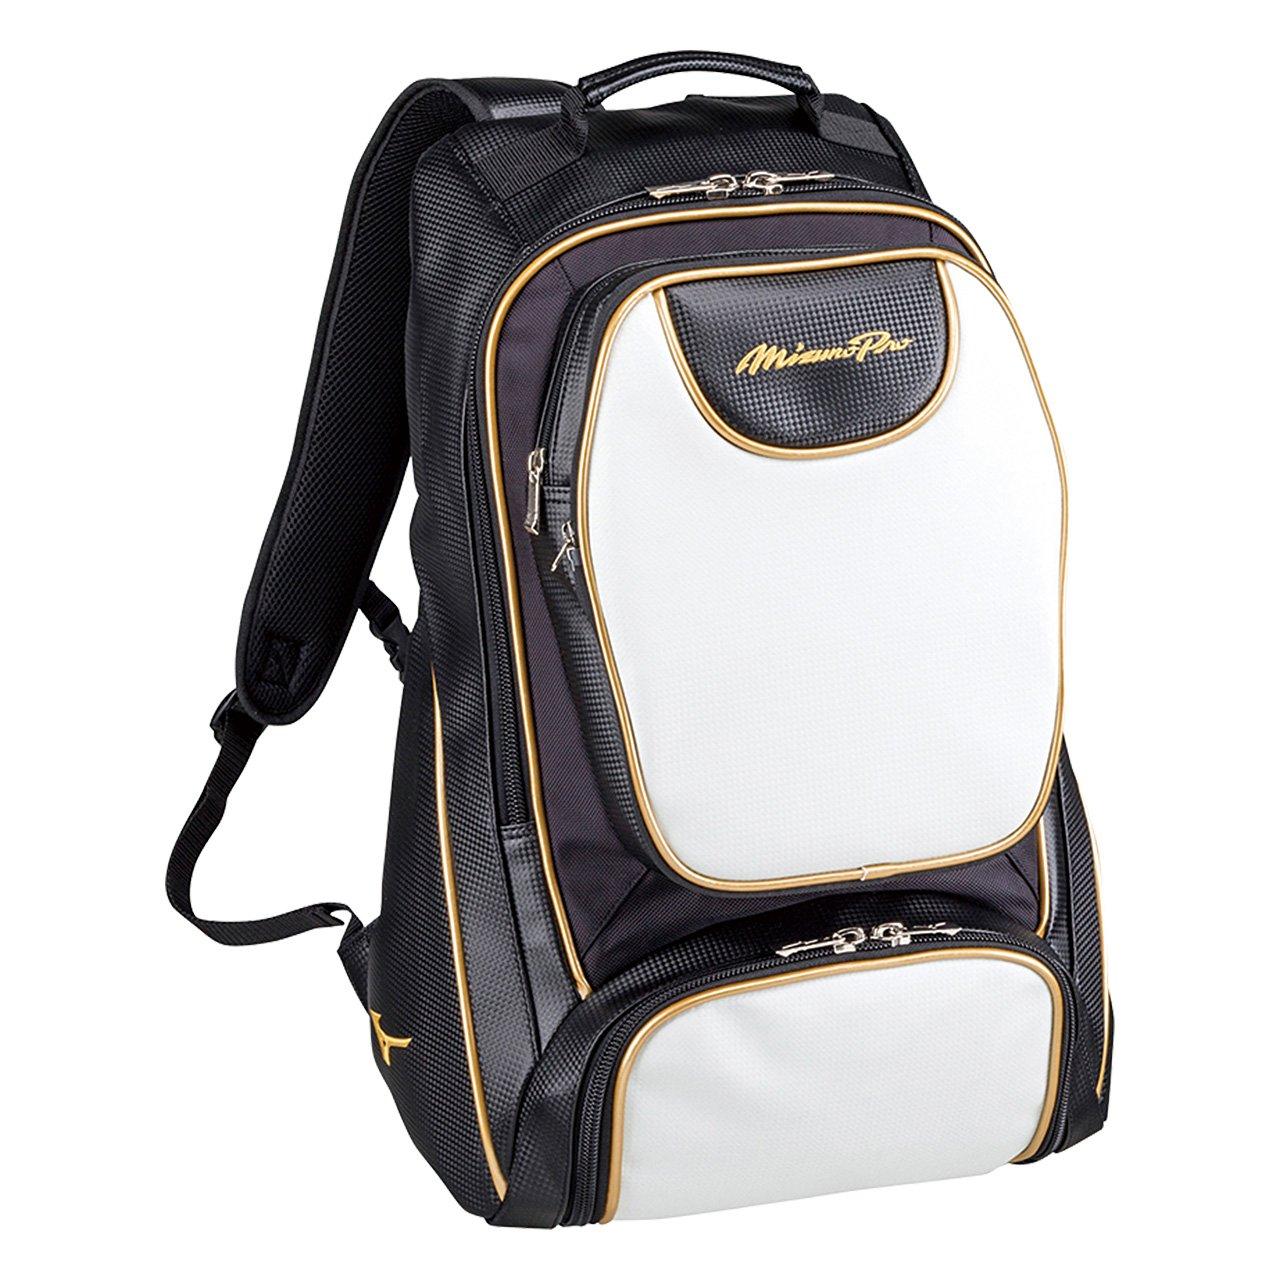 ミズノ(MIZUNO) ミズノプロ バックパック 1FJD6000 B000E5LCV2 ブラック×ホワイト(90) ブラック×ホワイト(90)